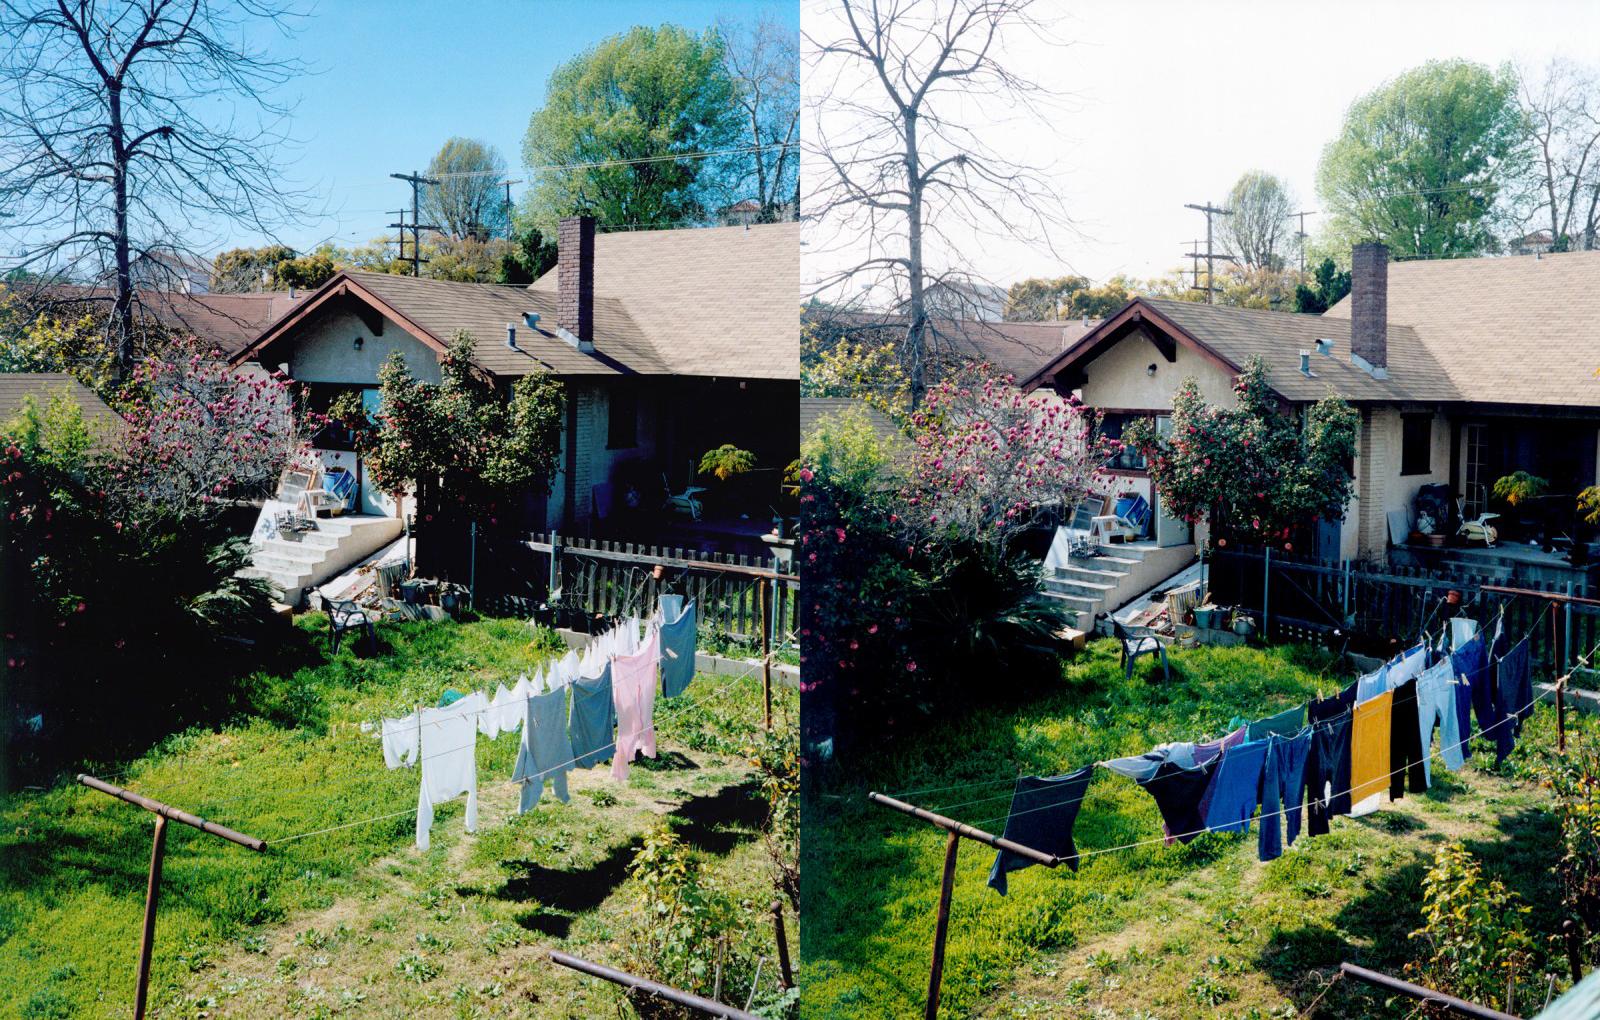 ec_backyard_50-51.jpg